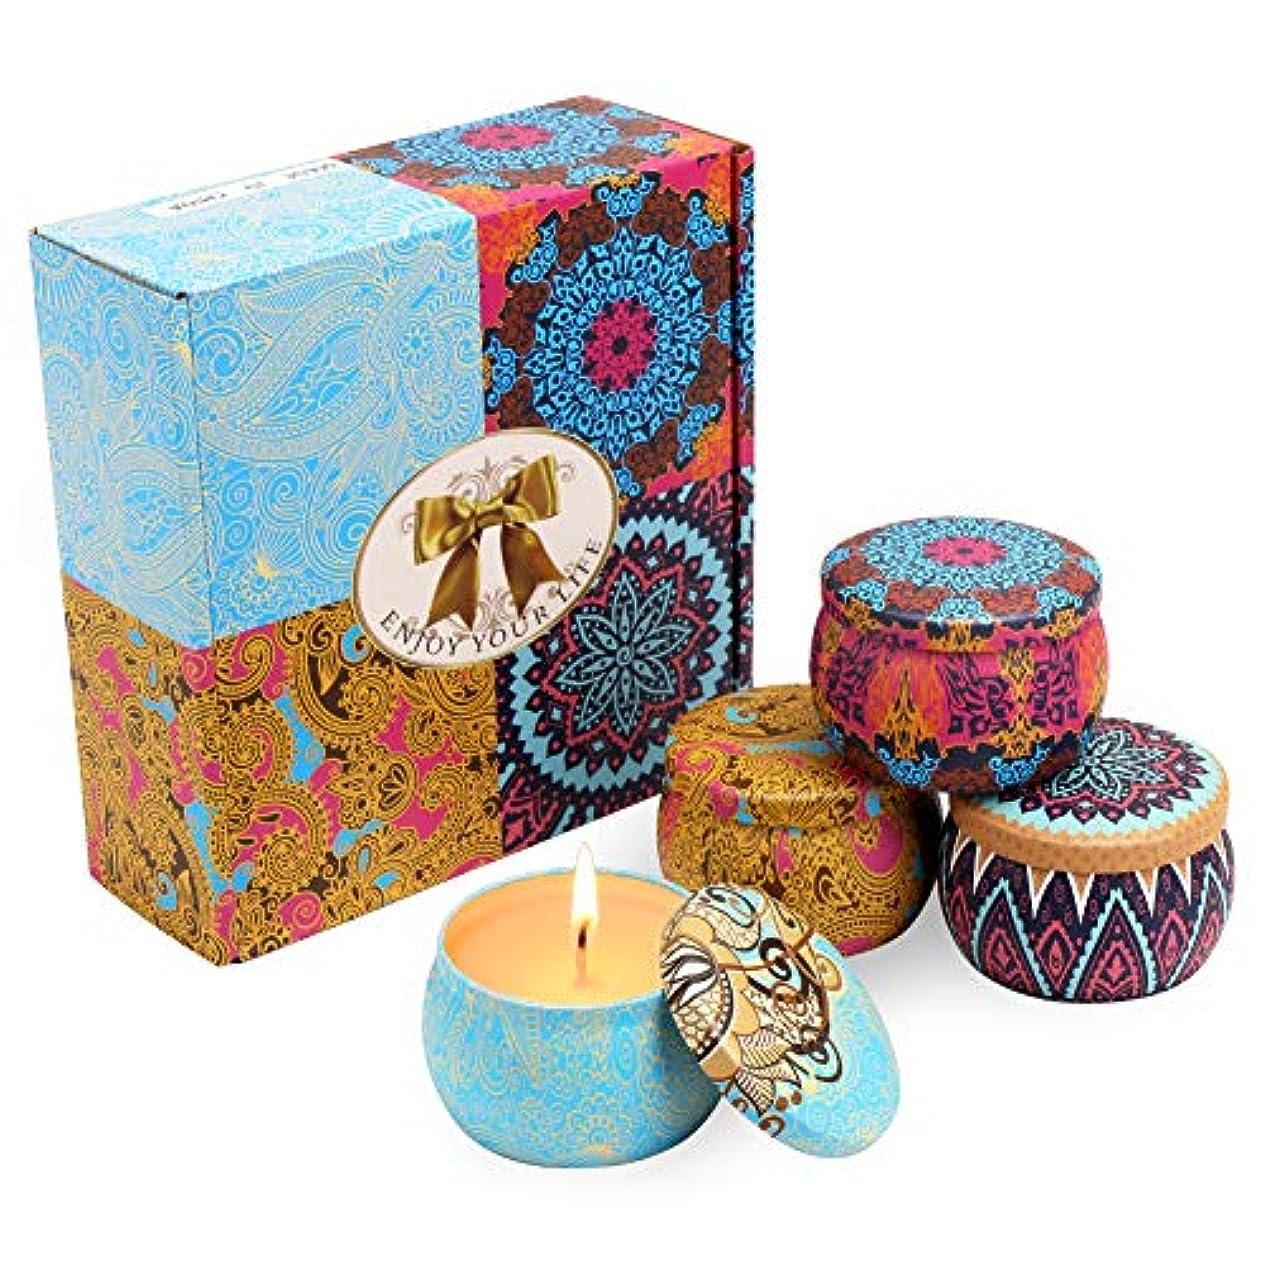 少し画家遺体安置所アロマキャンドル MANLI ソイワックス 天然 大豆ワックス 4つ香り 果物の香り 4個セット キャンドル アロマテラピー ロウソク バレンタインデー プレゼント ロマンチック 結婚式 誕生日(四セット)